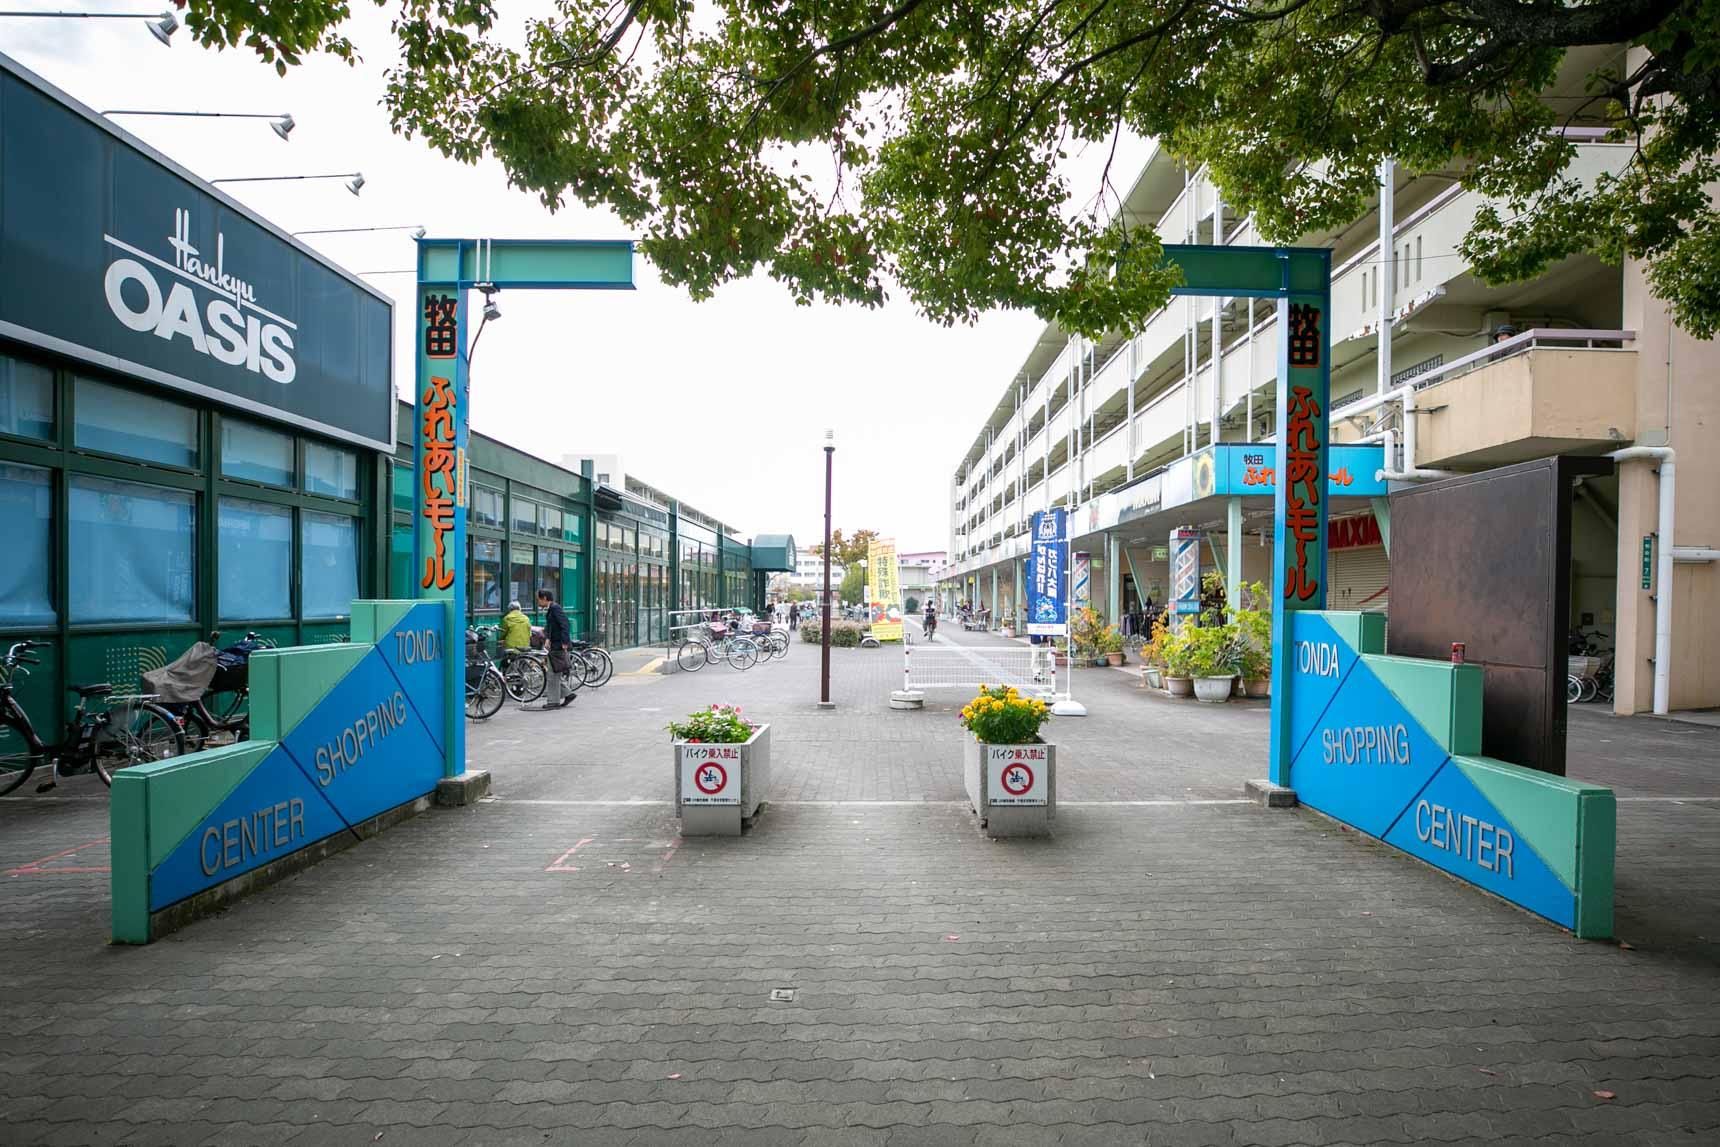 こちらが商店街の入口。左手に、スーパーマーケットの阪急オアシス。